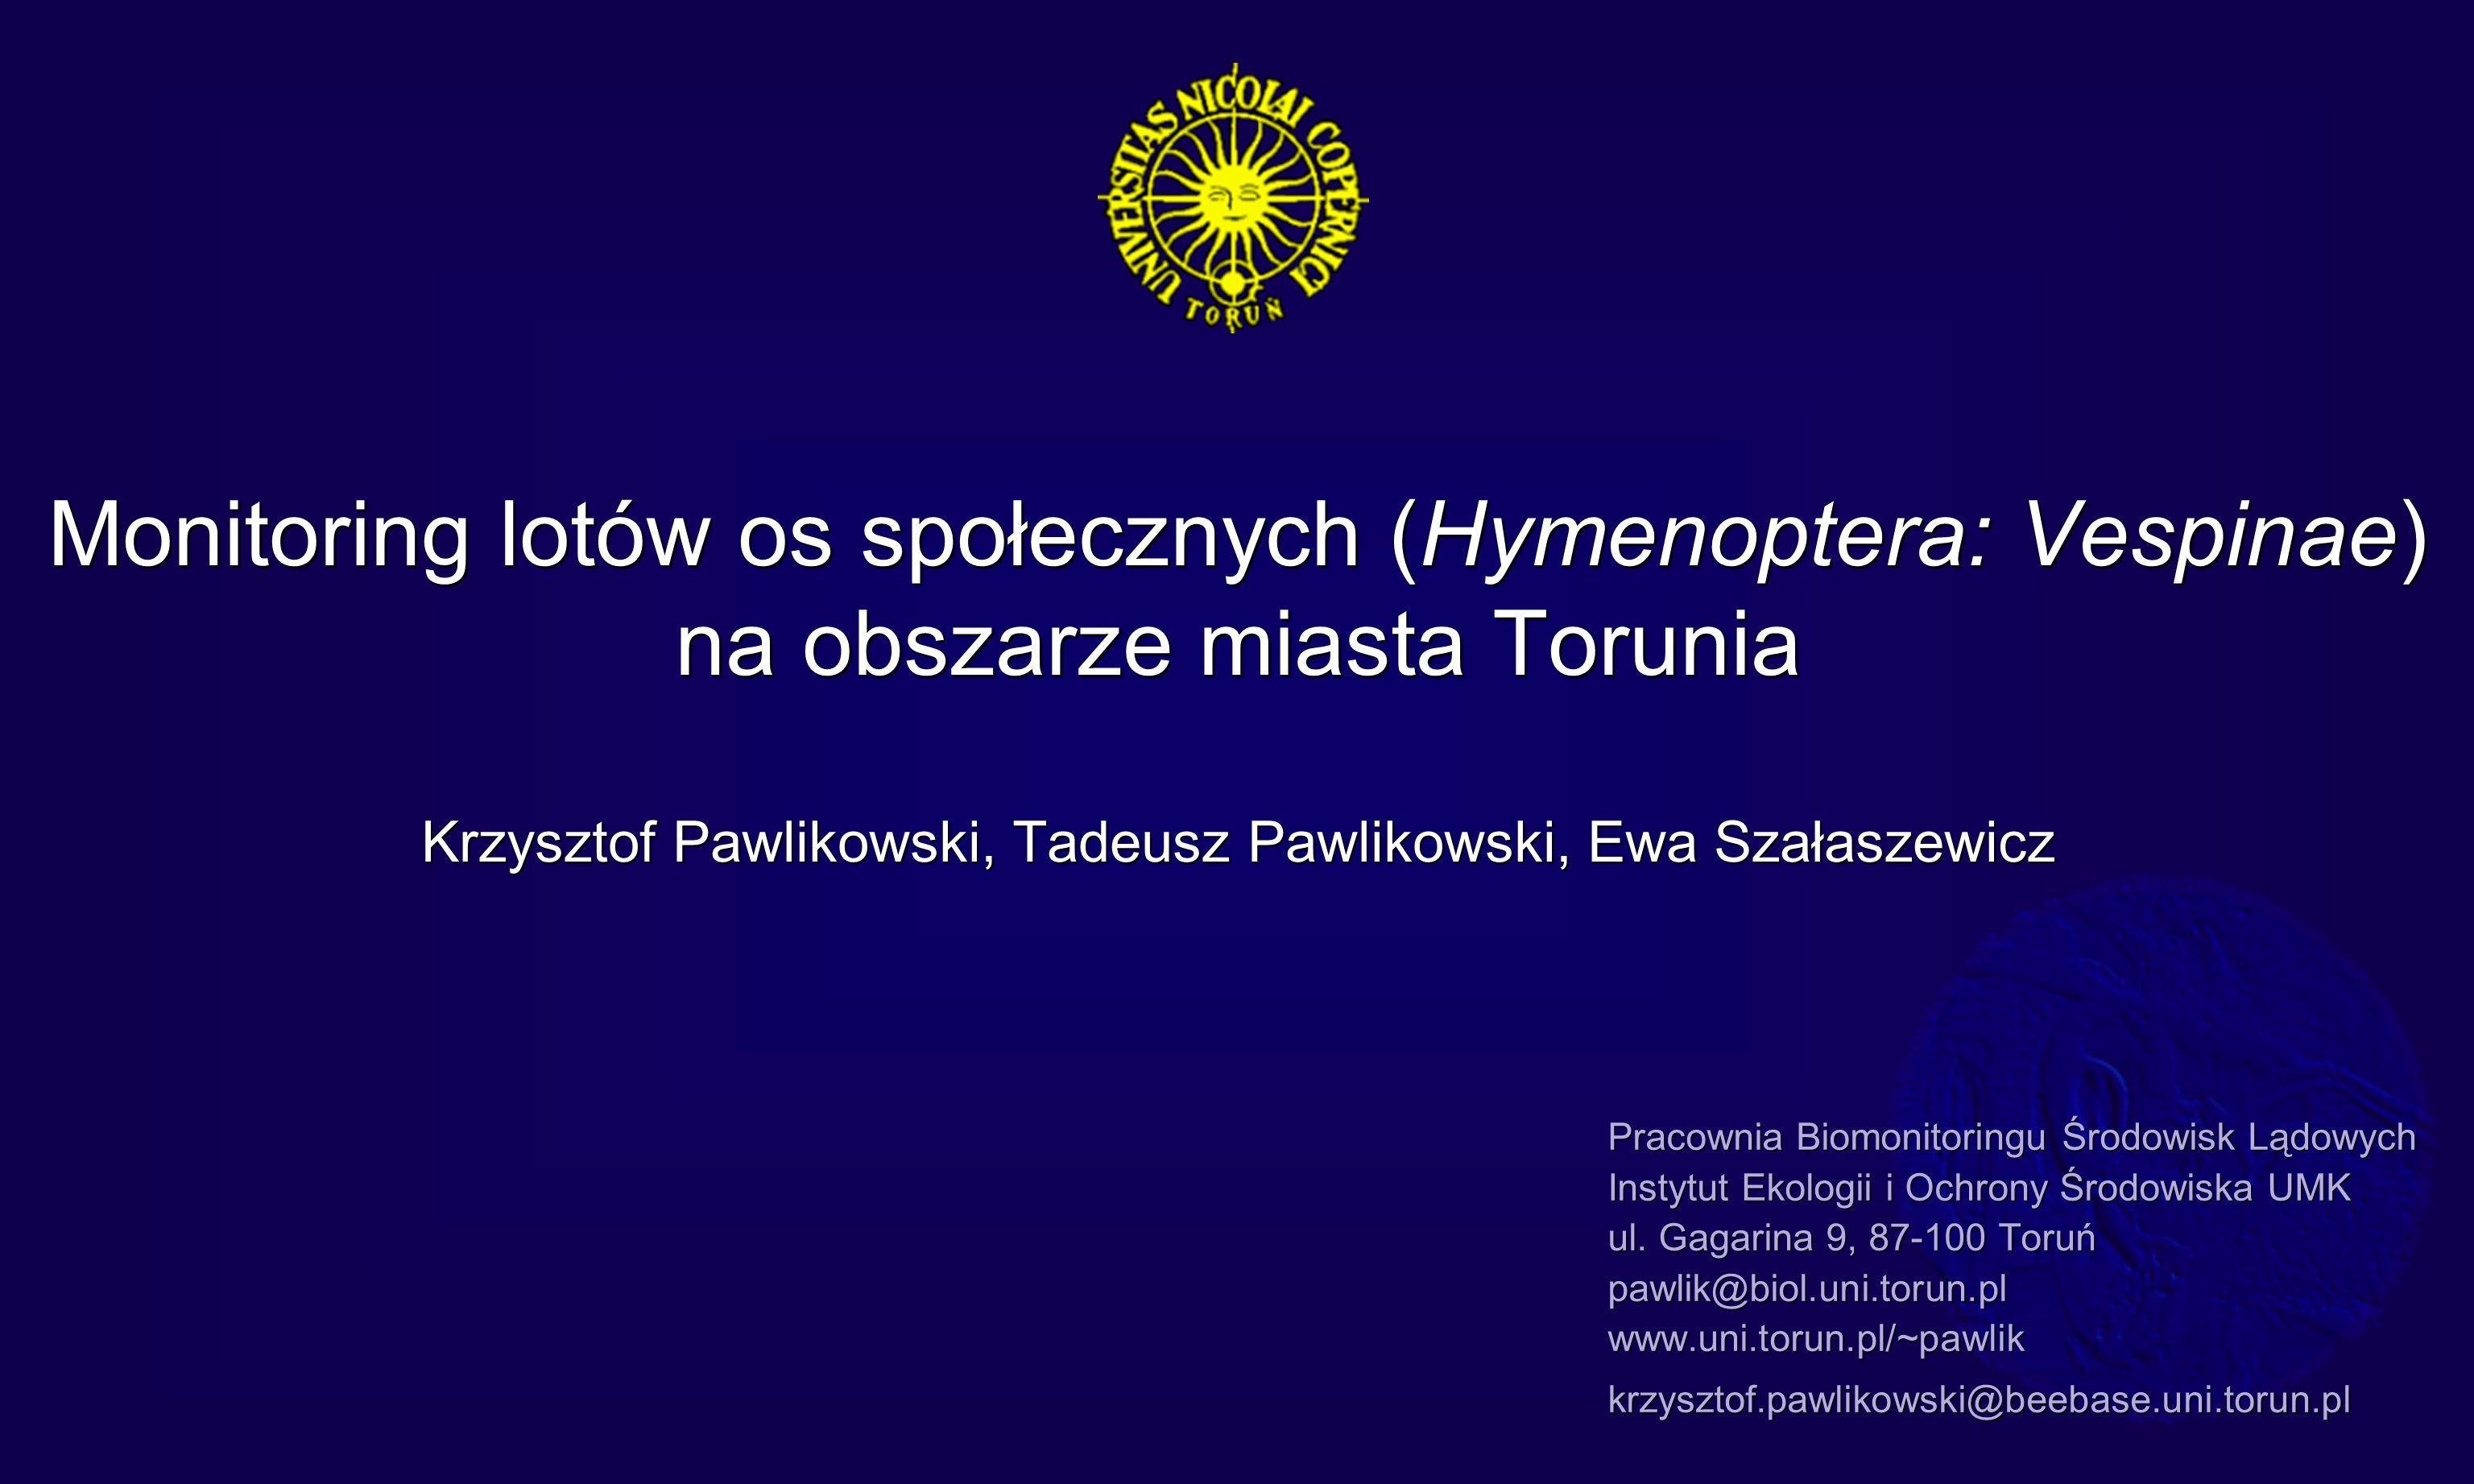 Monitoring lotów os społecznych (Hymenoptera: Vespinae) na obszarze miasta Torunia.